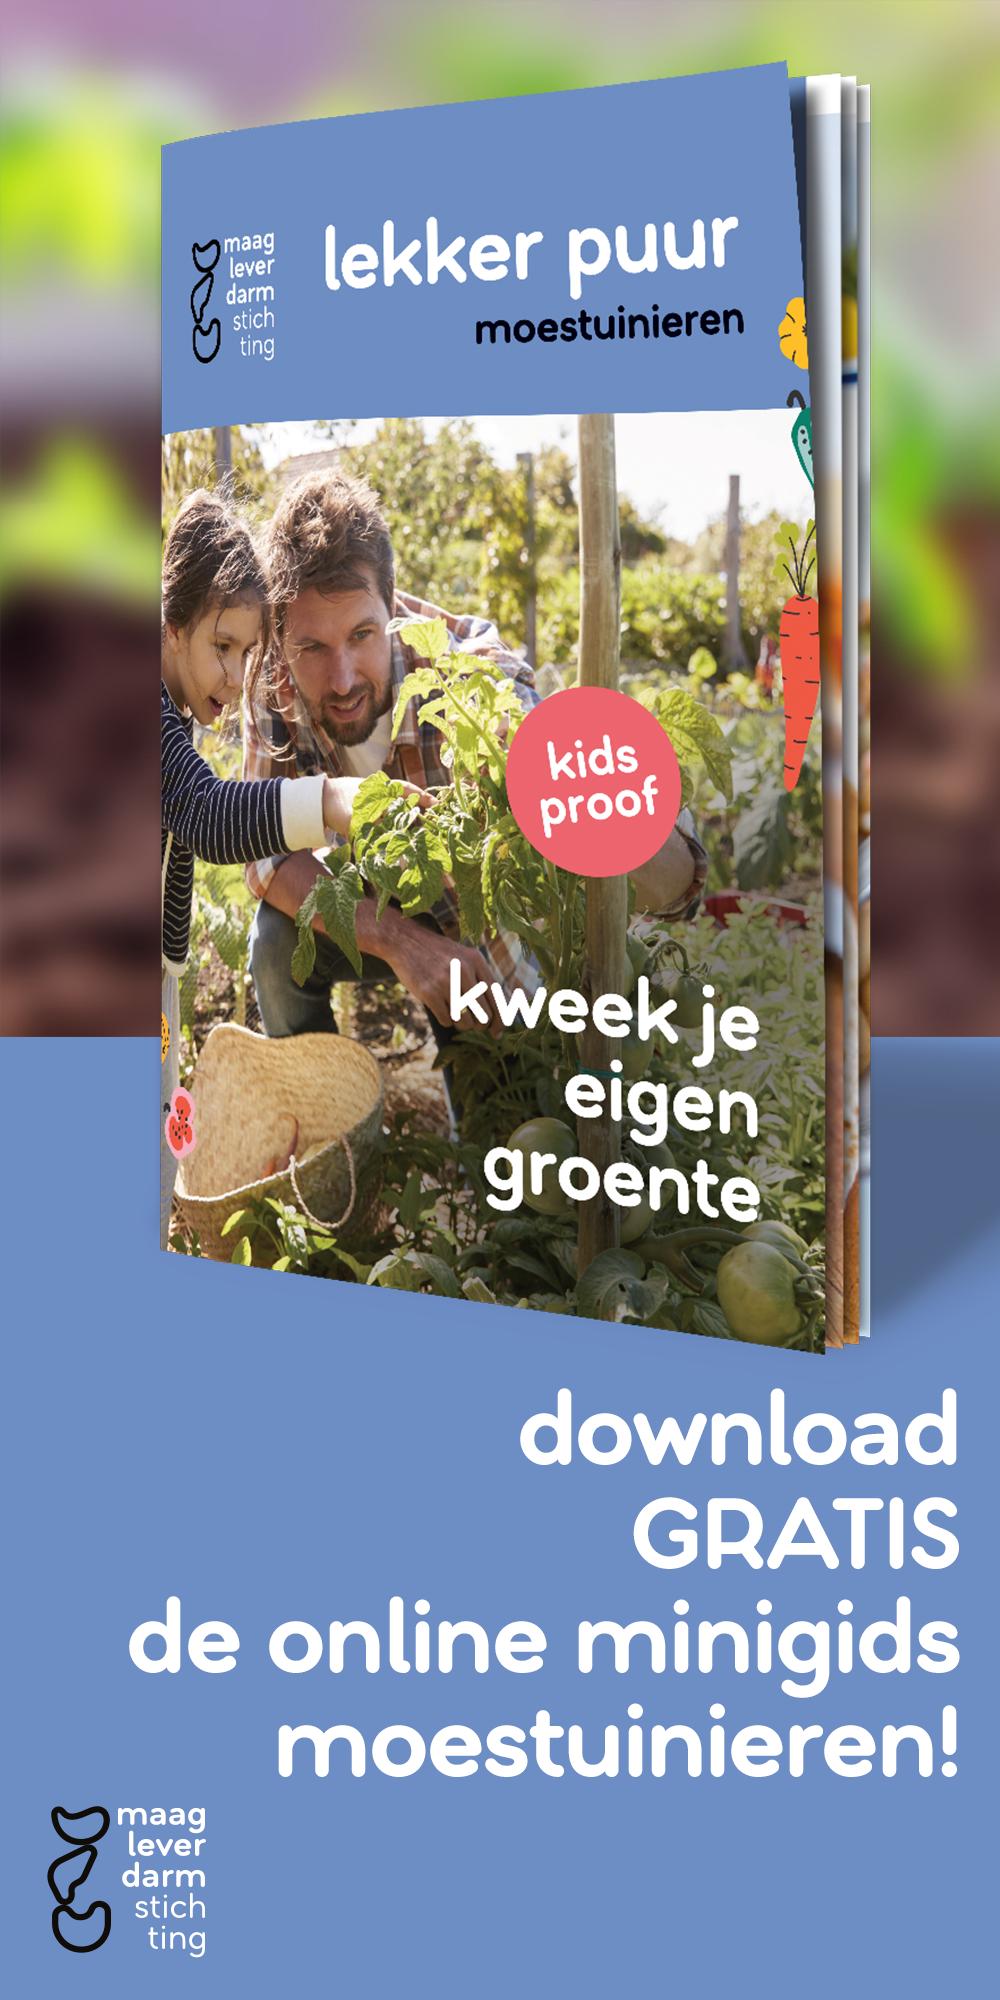 Moestuinieren minigids - Maag Lever Darm Stichting